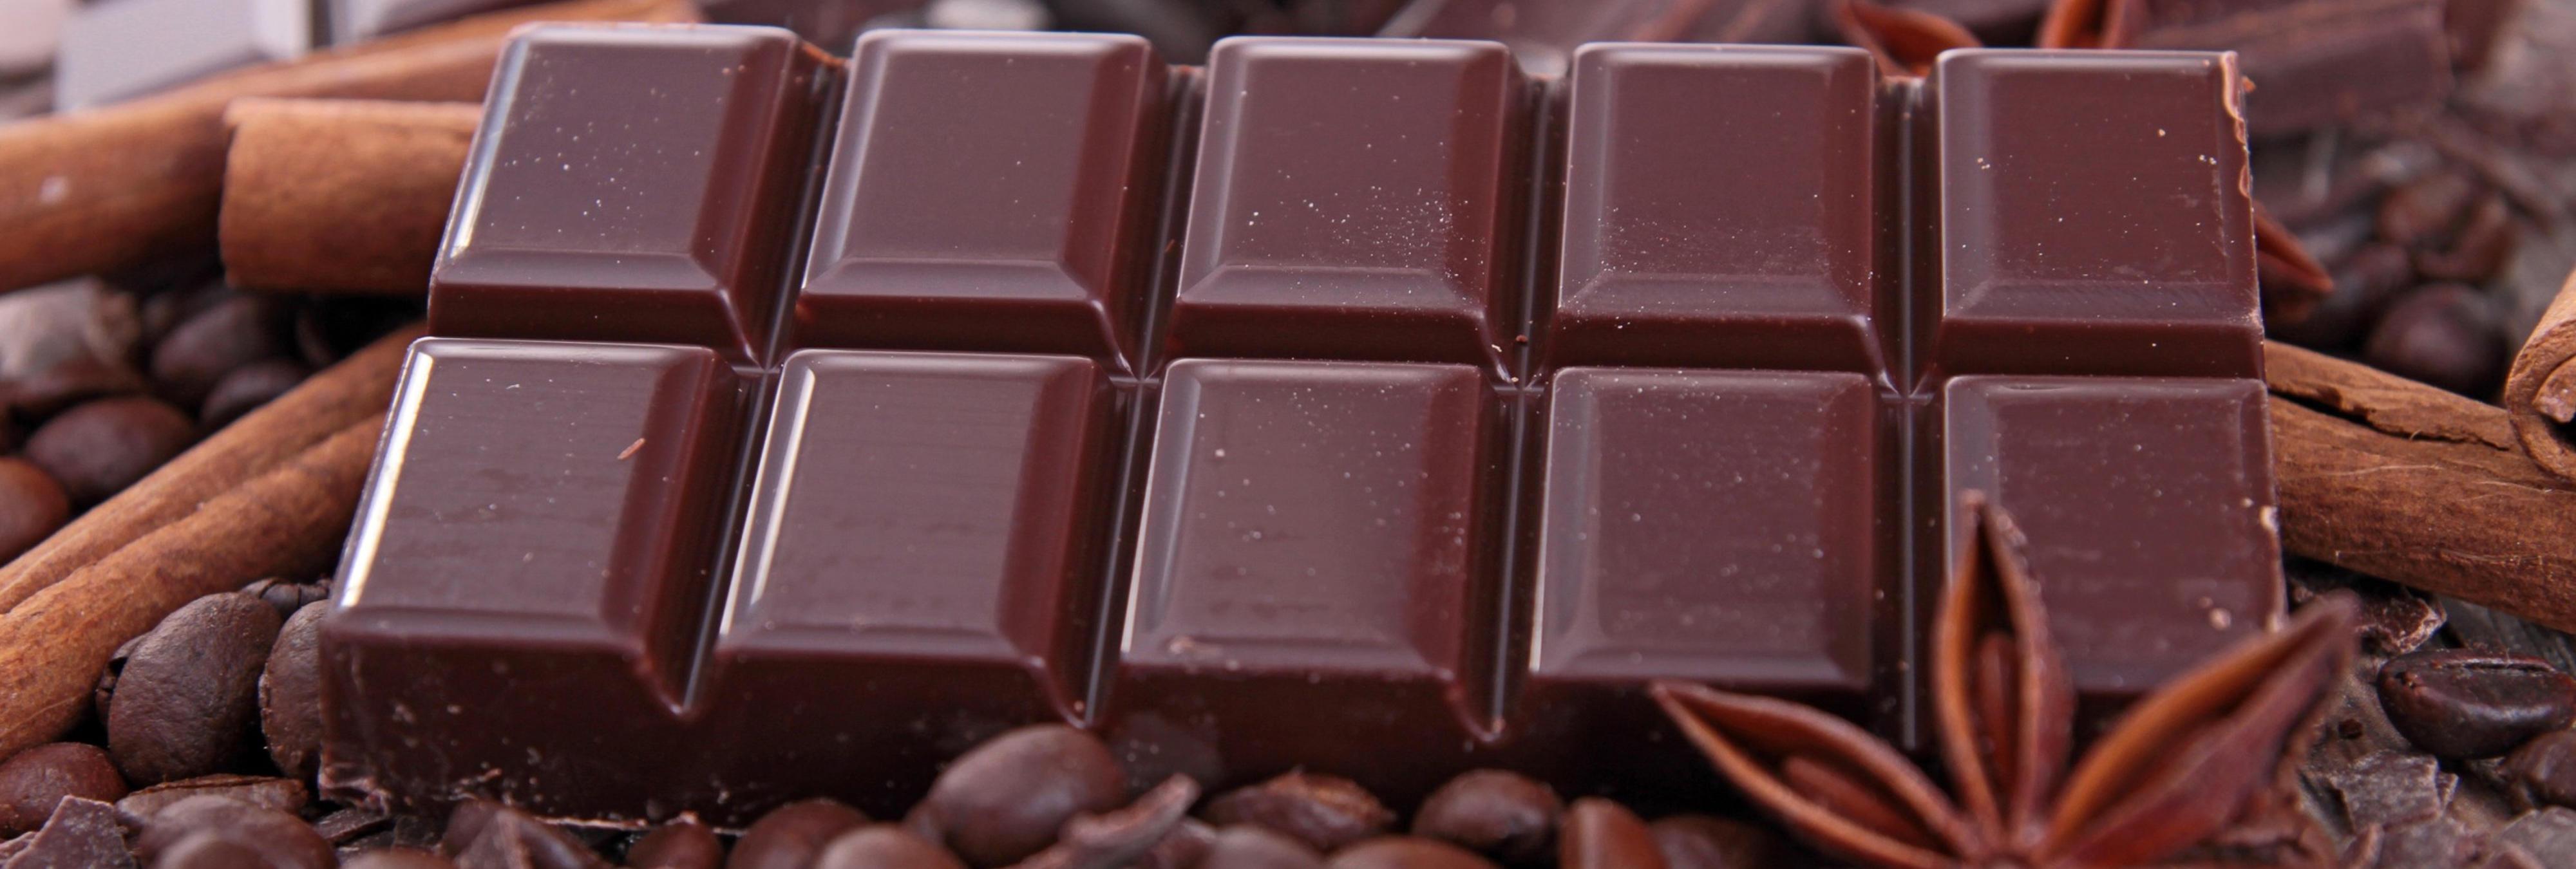 La ciencia advierte que el chocolate se extinguirá en 40 años